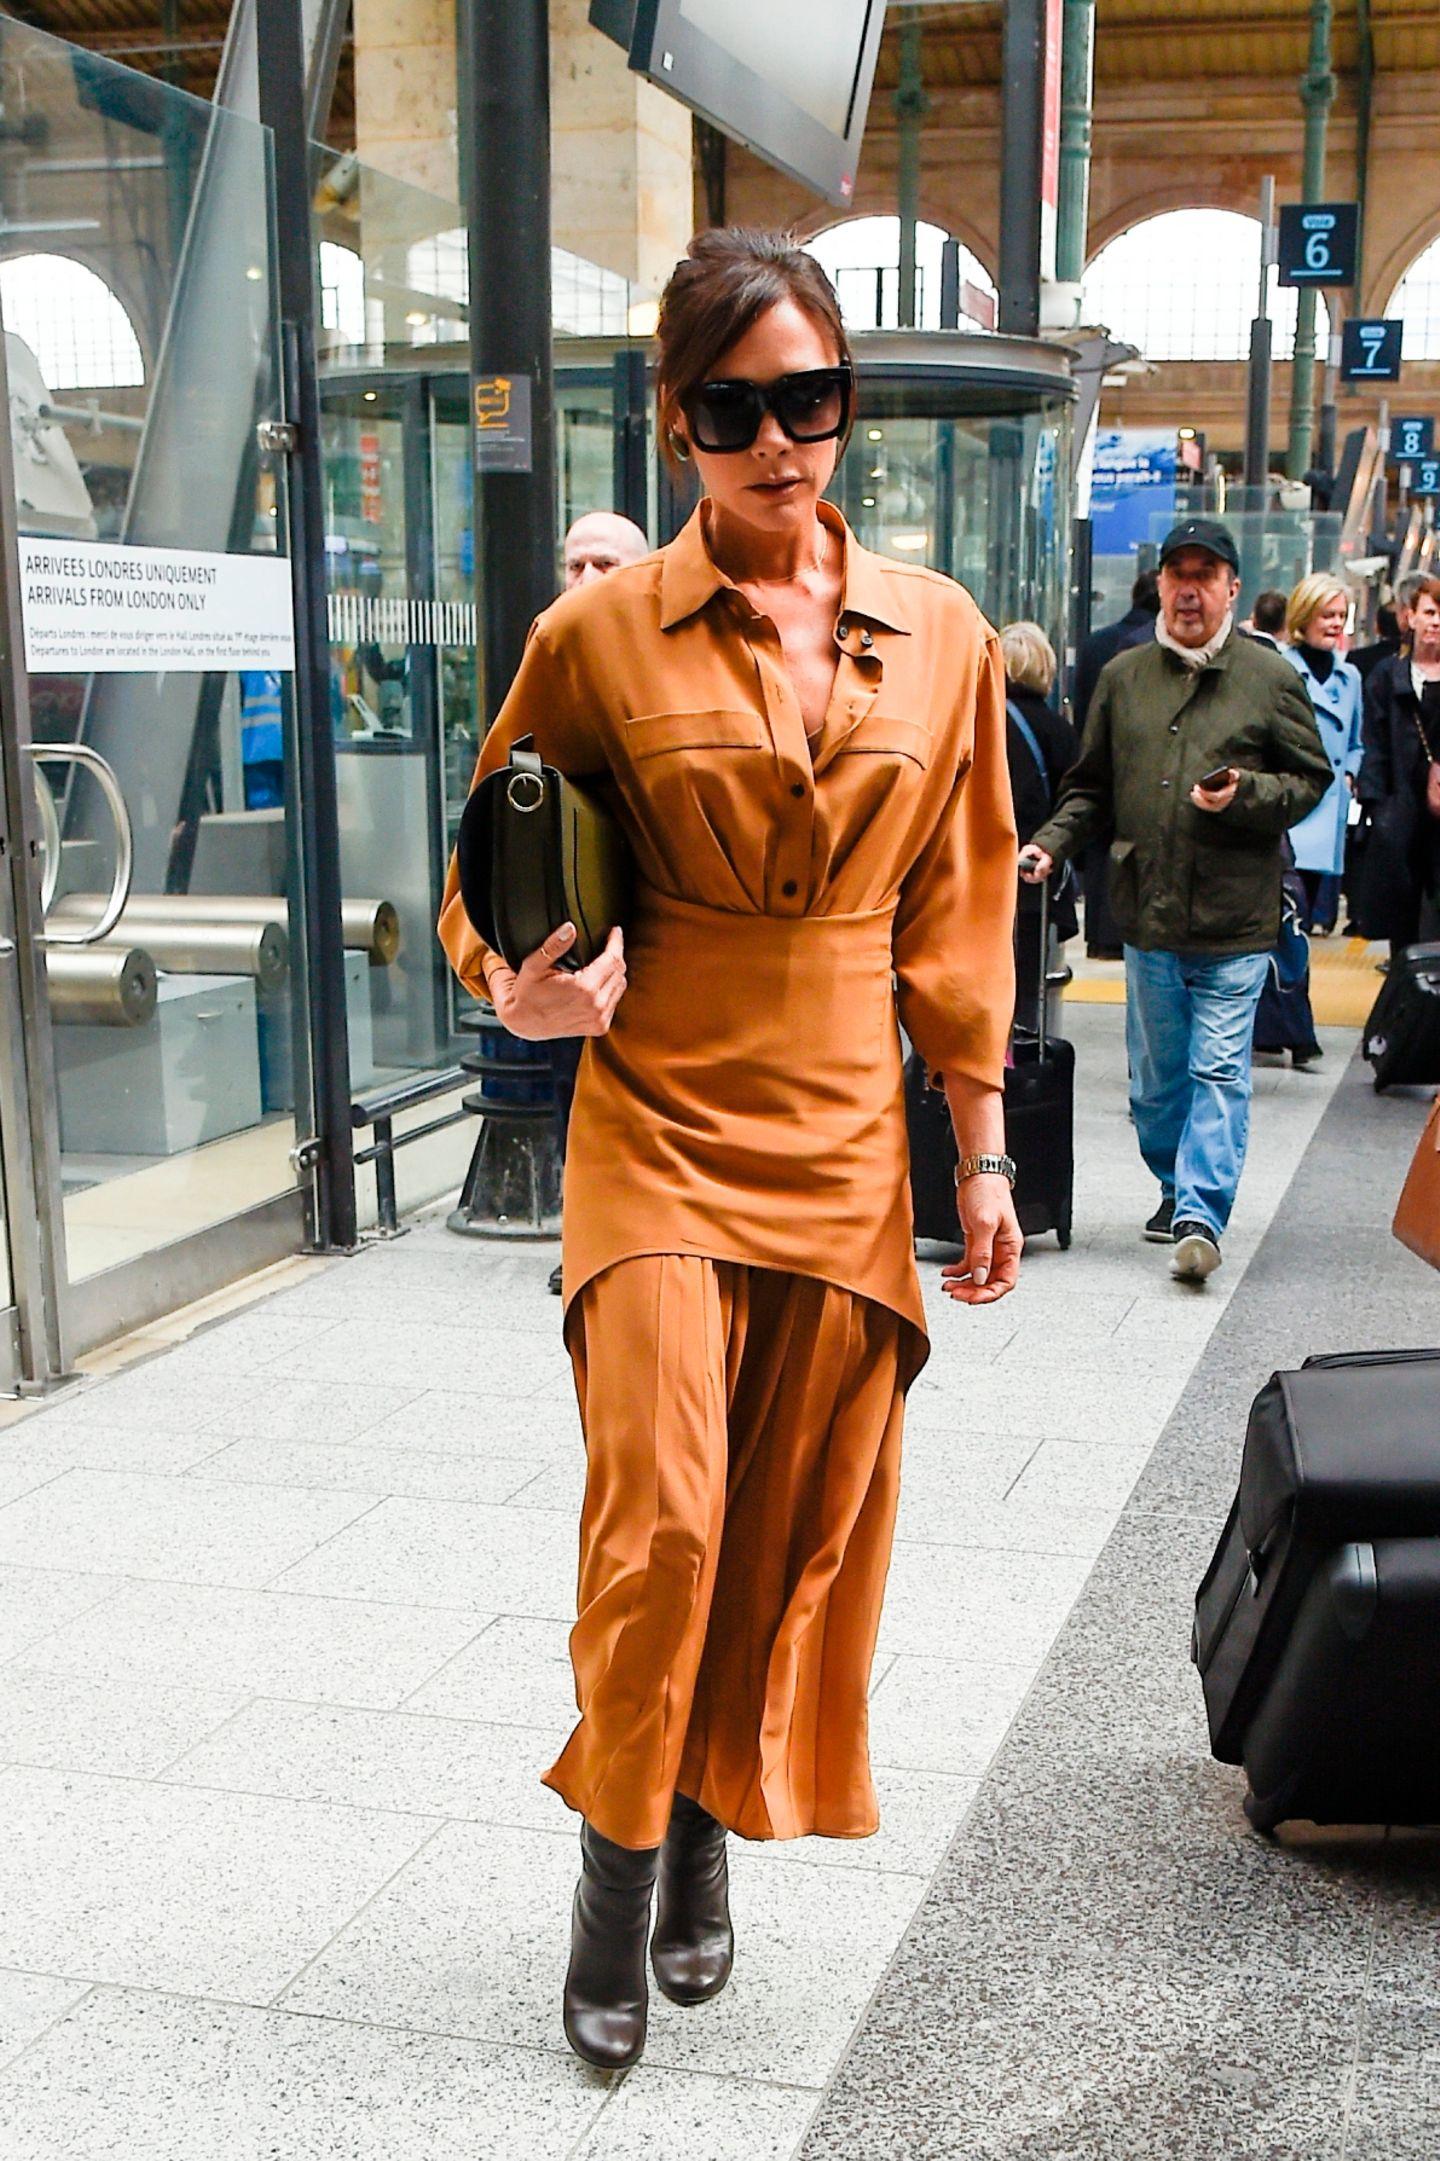 Kein Look, der nicht sitzt: Victoria Beckham ist auf dem Weg zu einem Lunch und trägt ein camelfarbenes Shirtdress aus ihrer eigenen Herbst-/Winterkollektion 2018. Natürlich darf die obligatorische Sonnenbrille nicht fehlen.